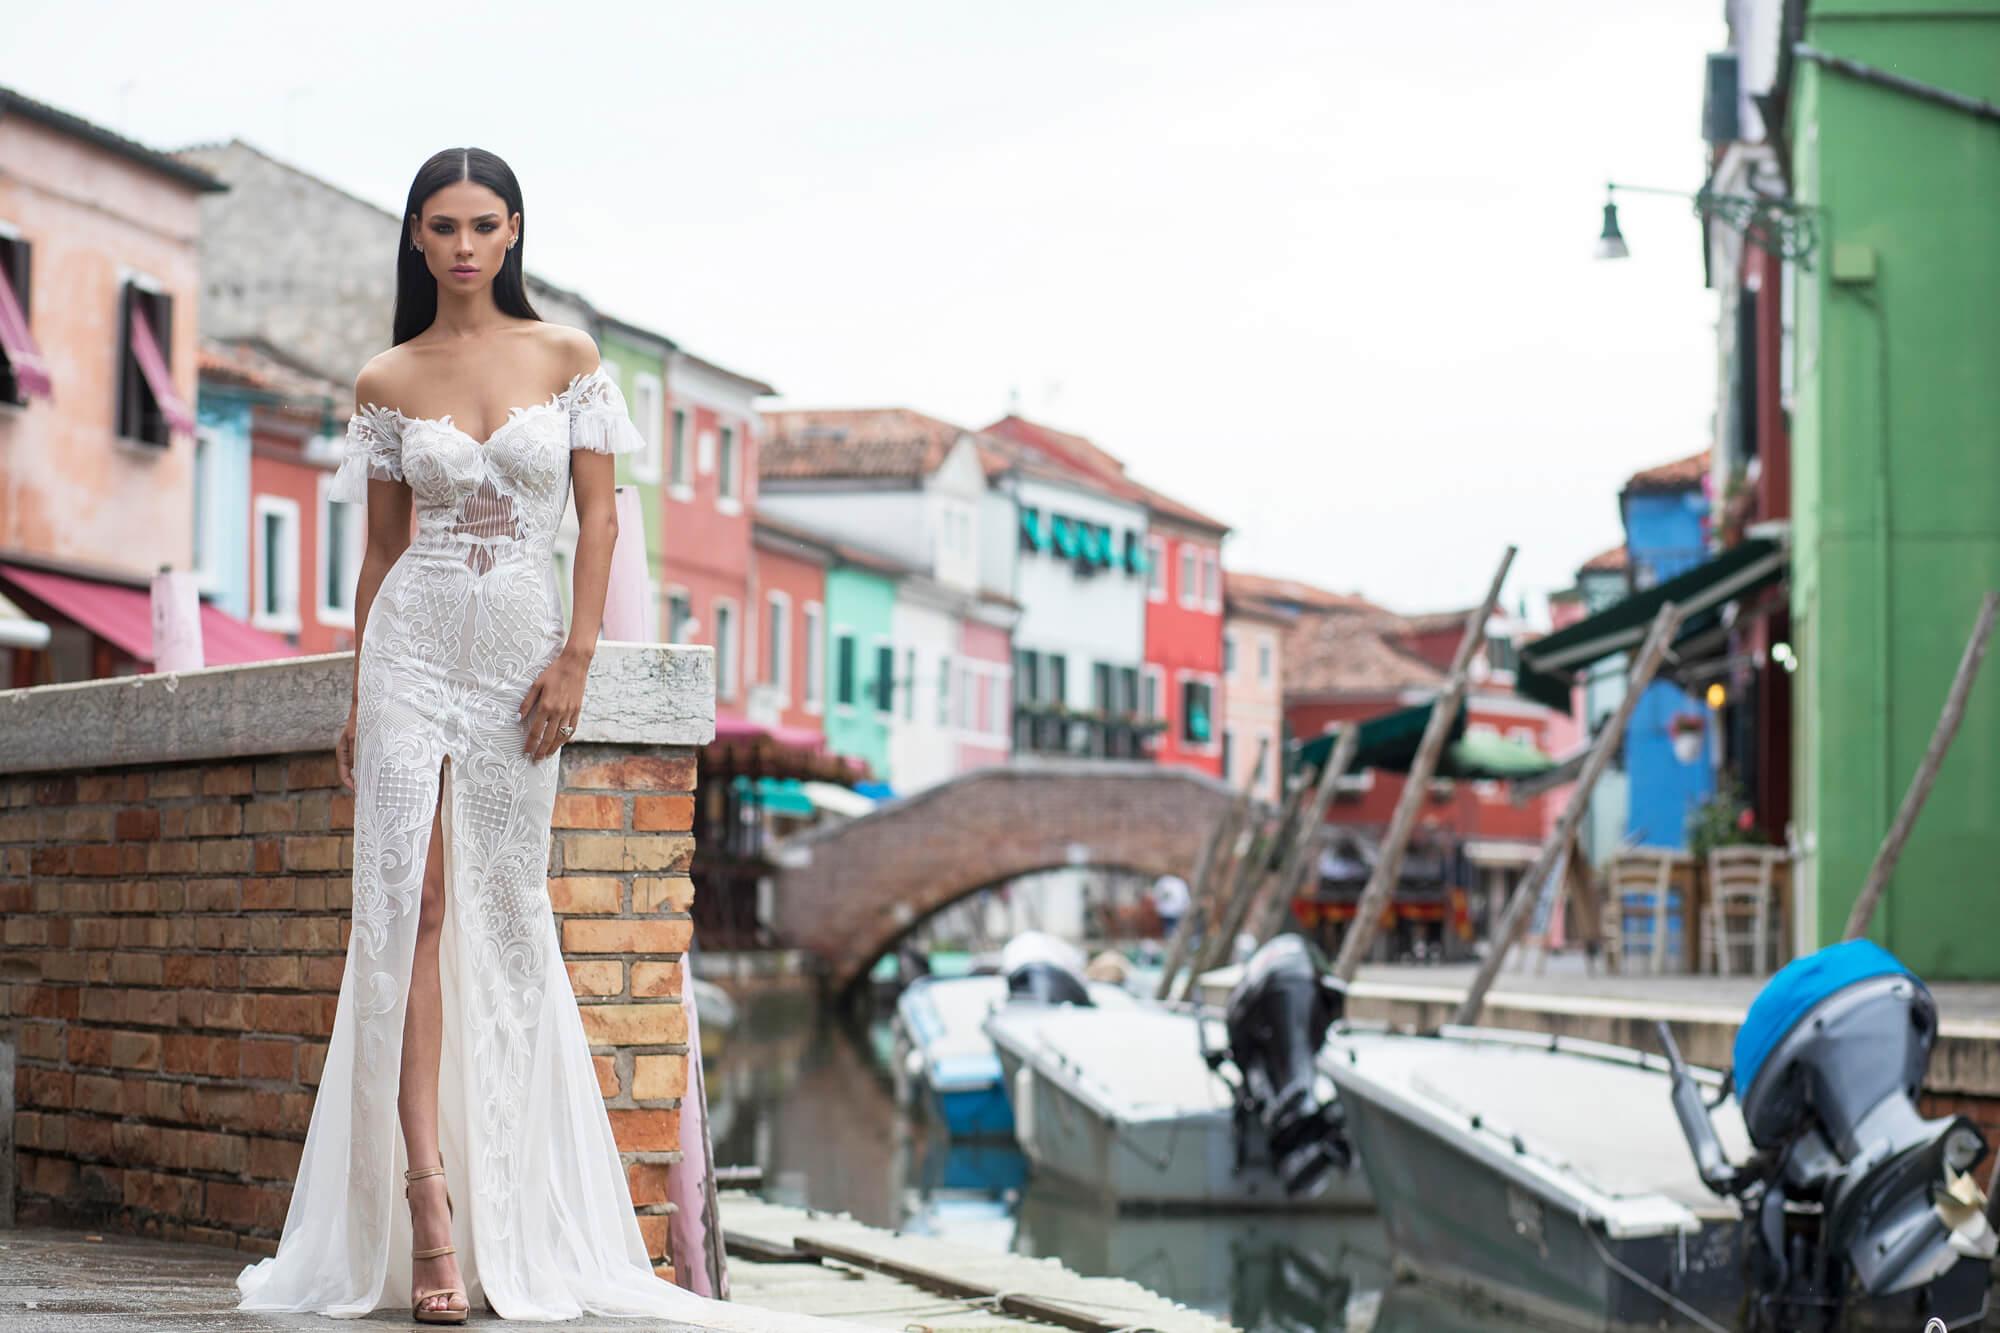 הקיץ הזה תלבשי לבן: יתרונות השמלות הלבנות